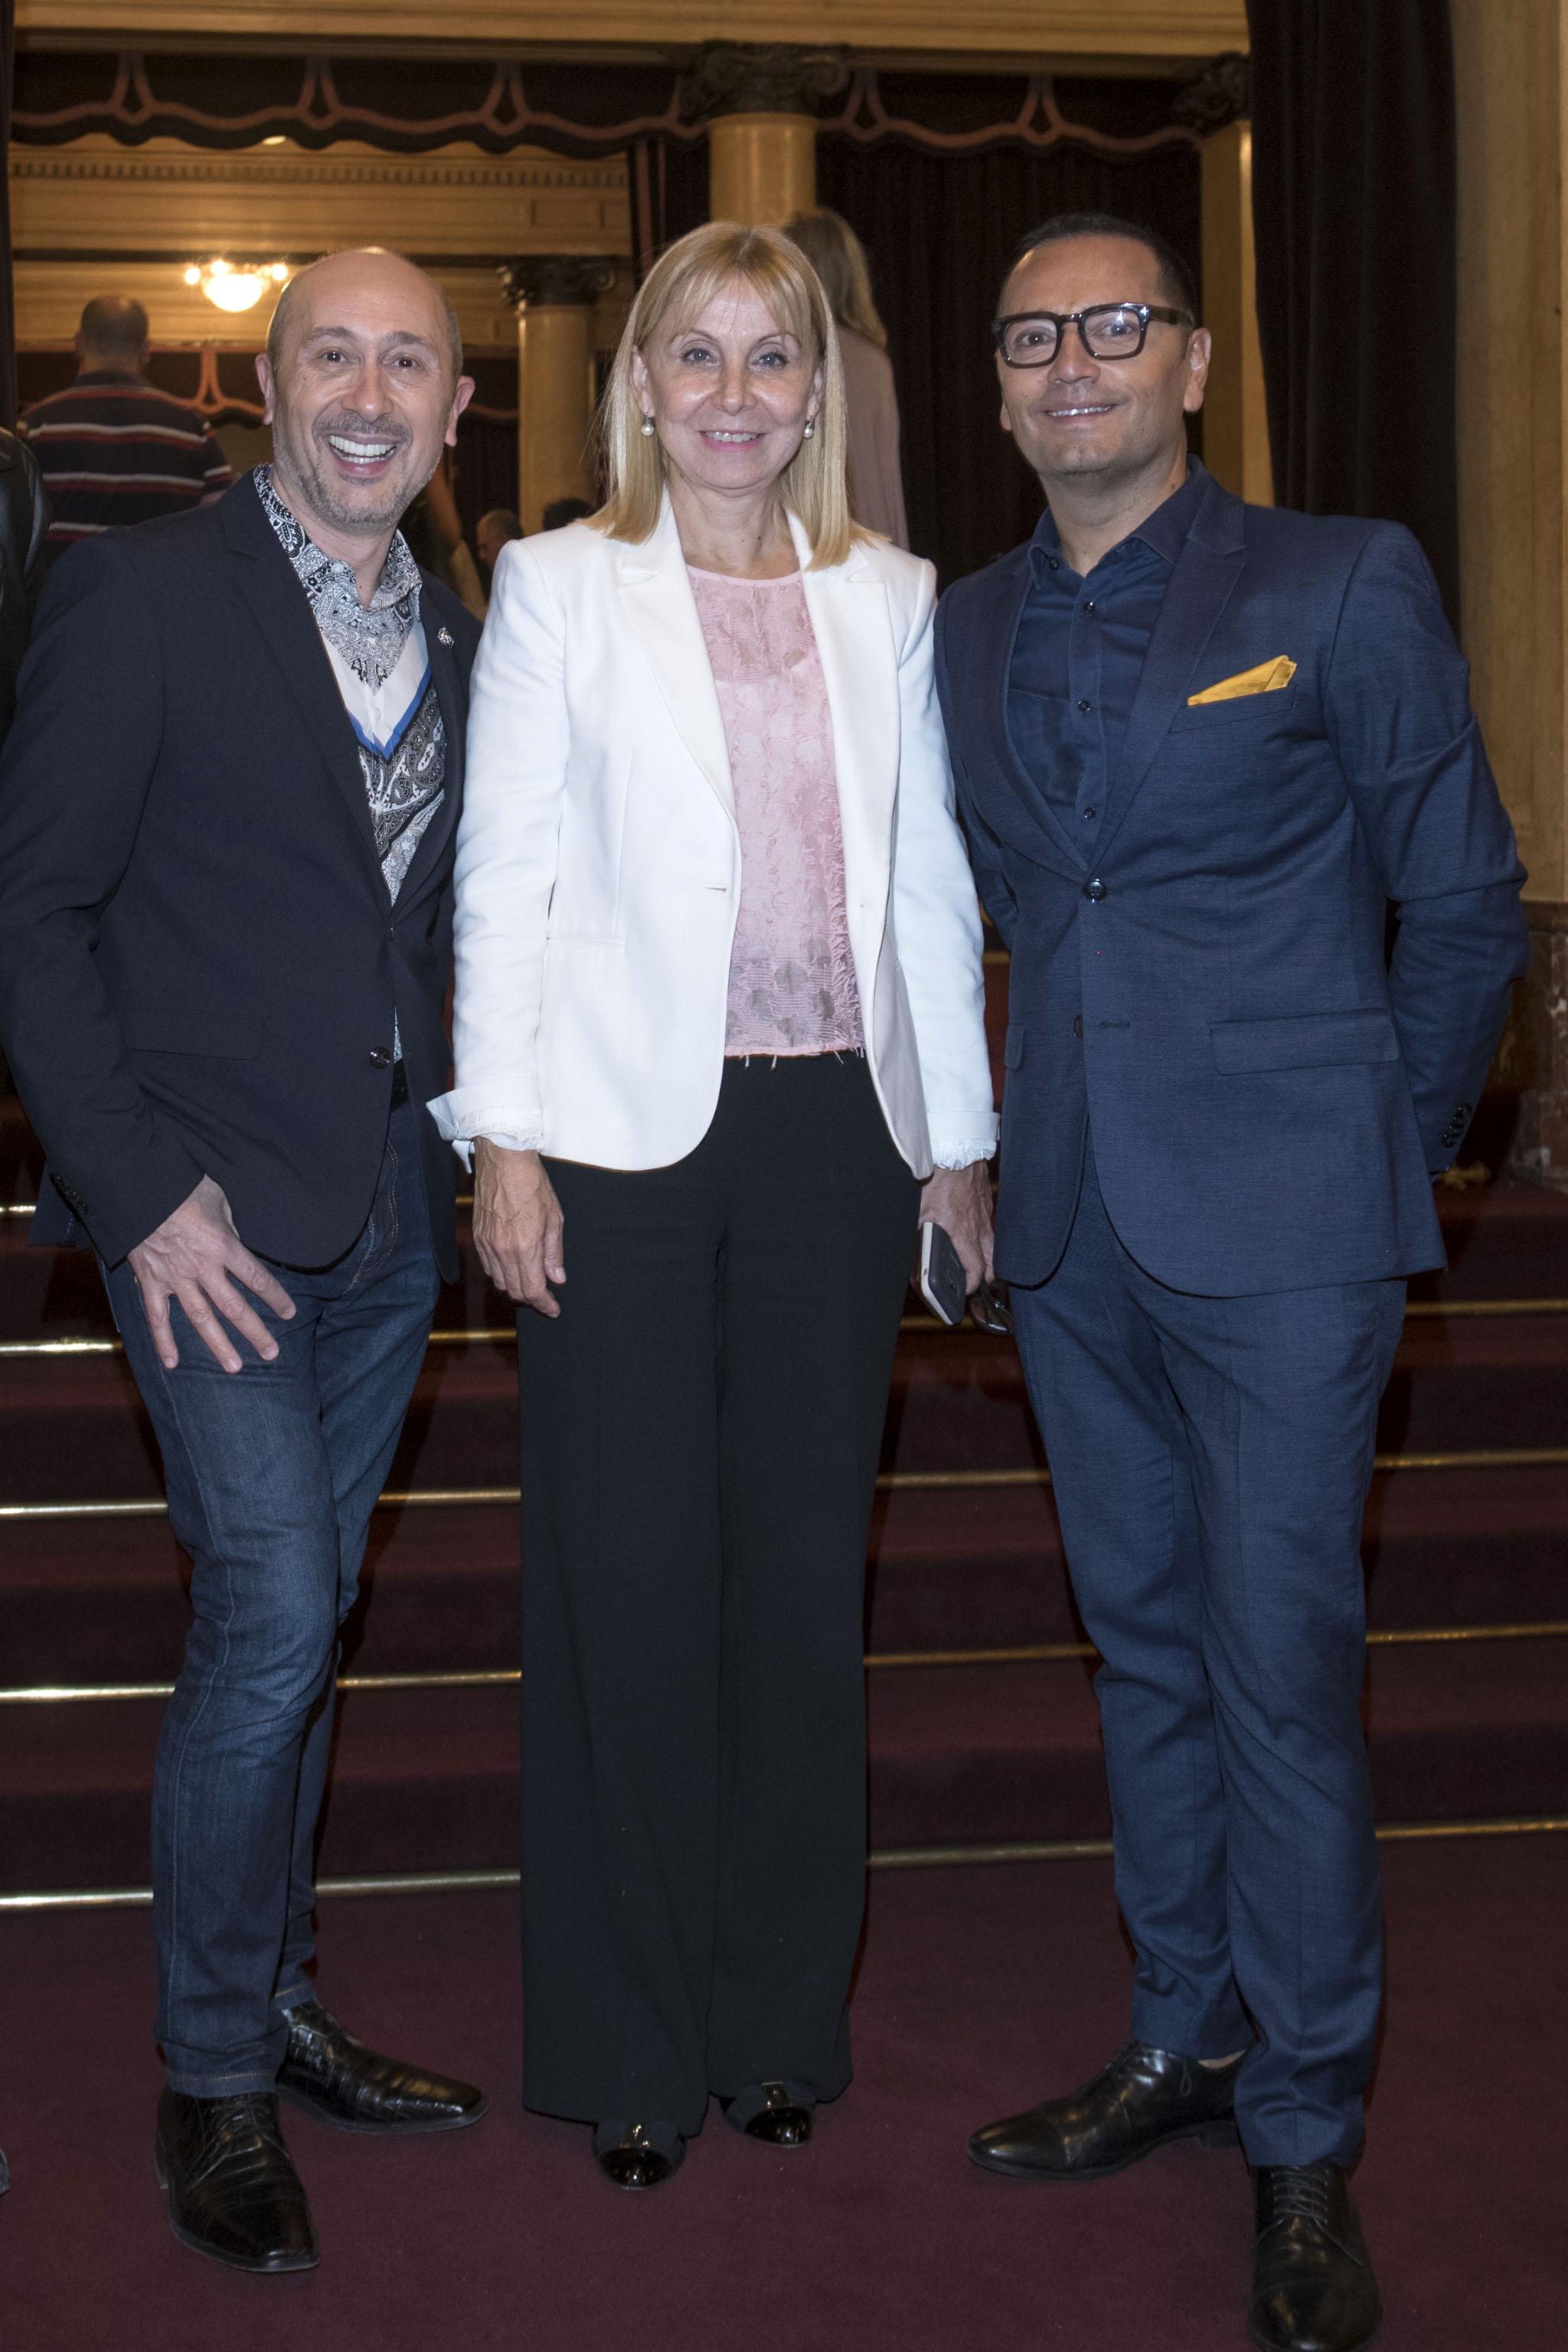 Claudio Cosano, María Victoria Alcaraz y Fabián Medina Flores